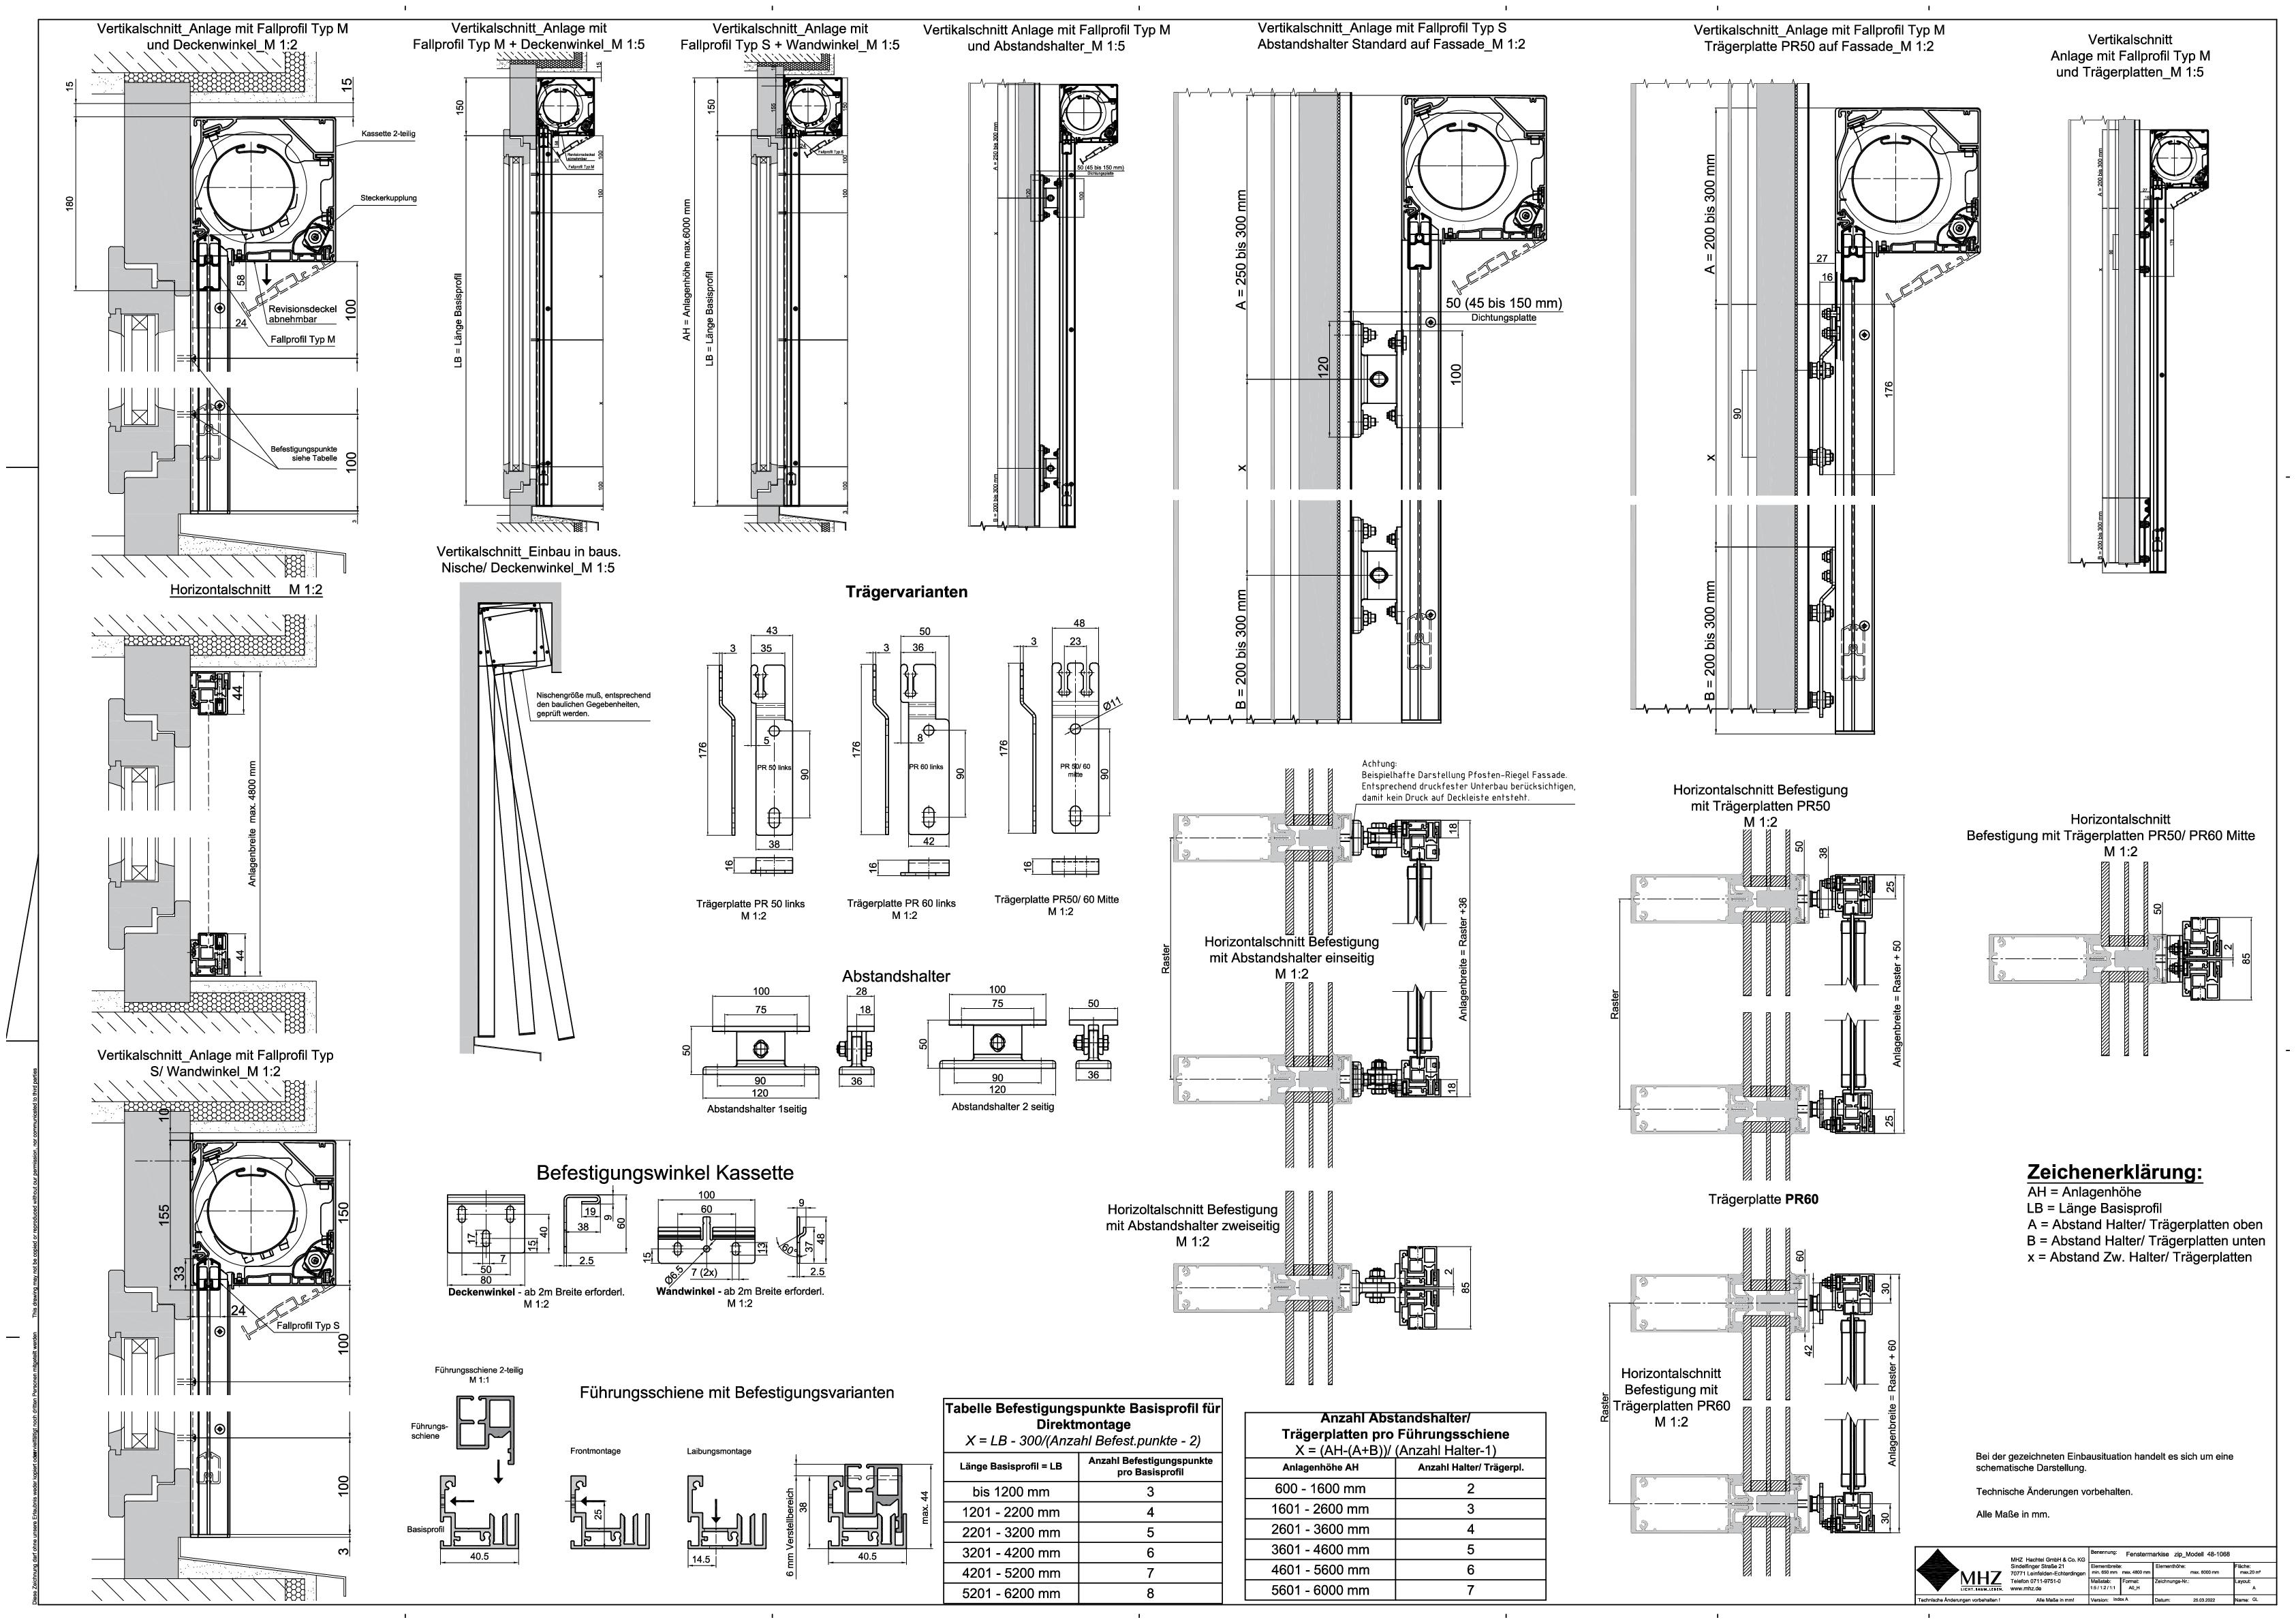 Technische Zeichnung Fenstermarkisen zip_2.0 48-1068 (pdf)